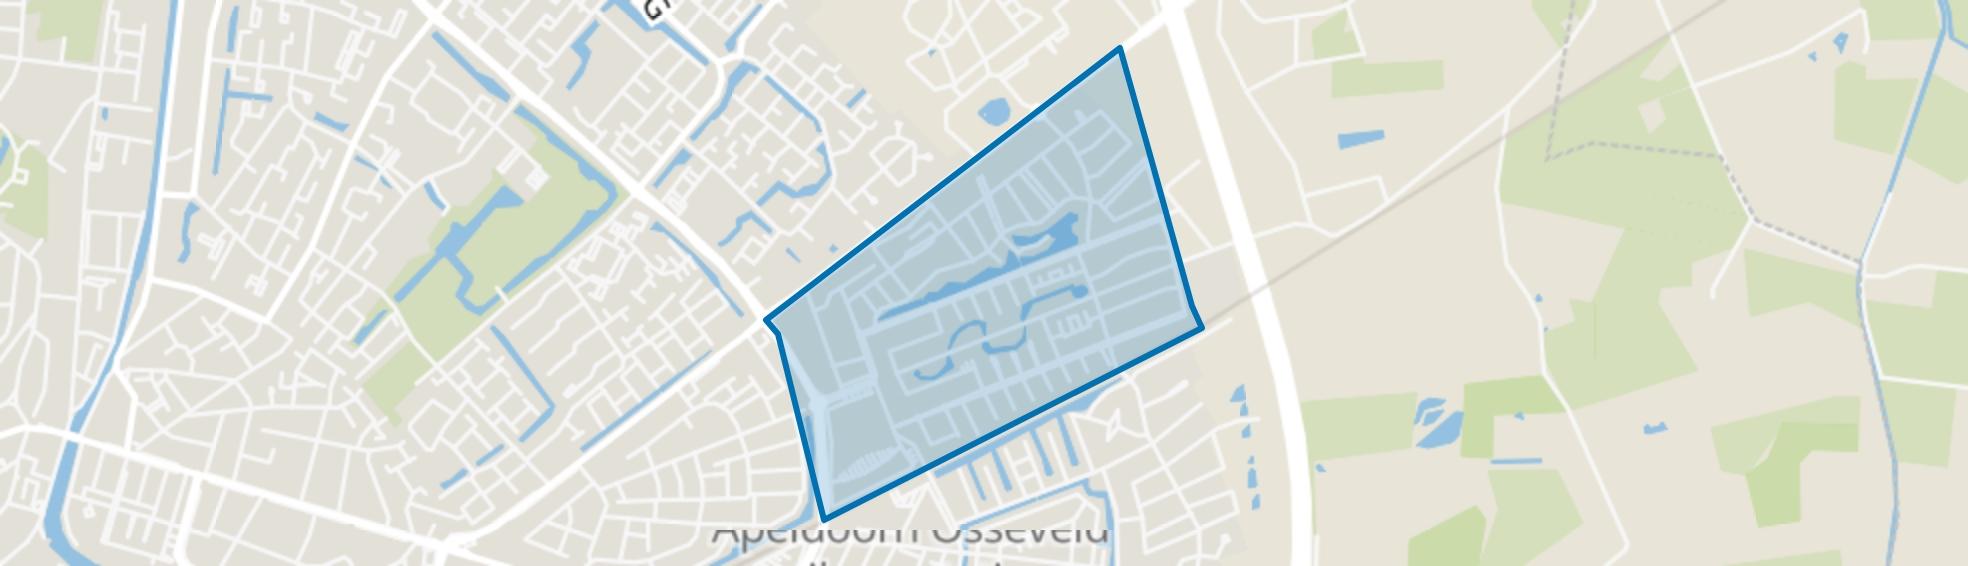 Osseveld-Oost, Apeldoorn map